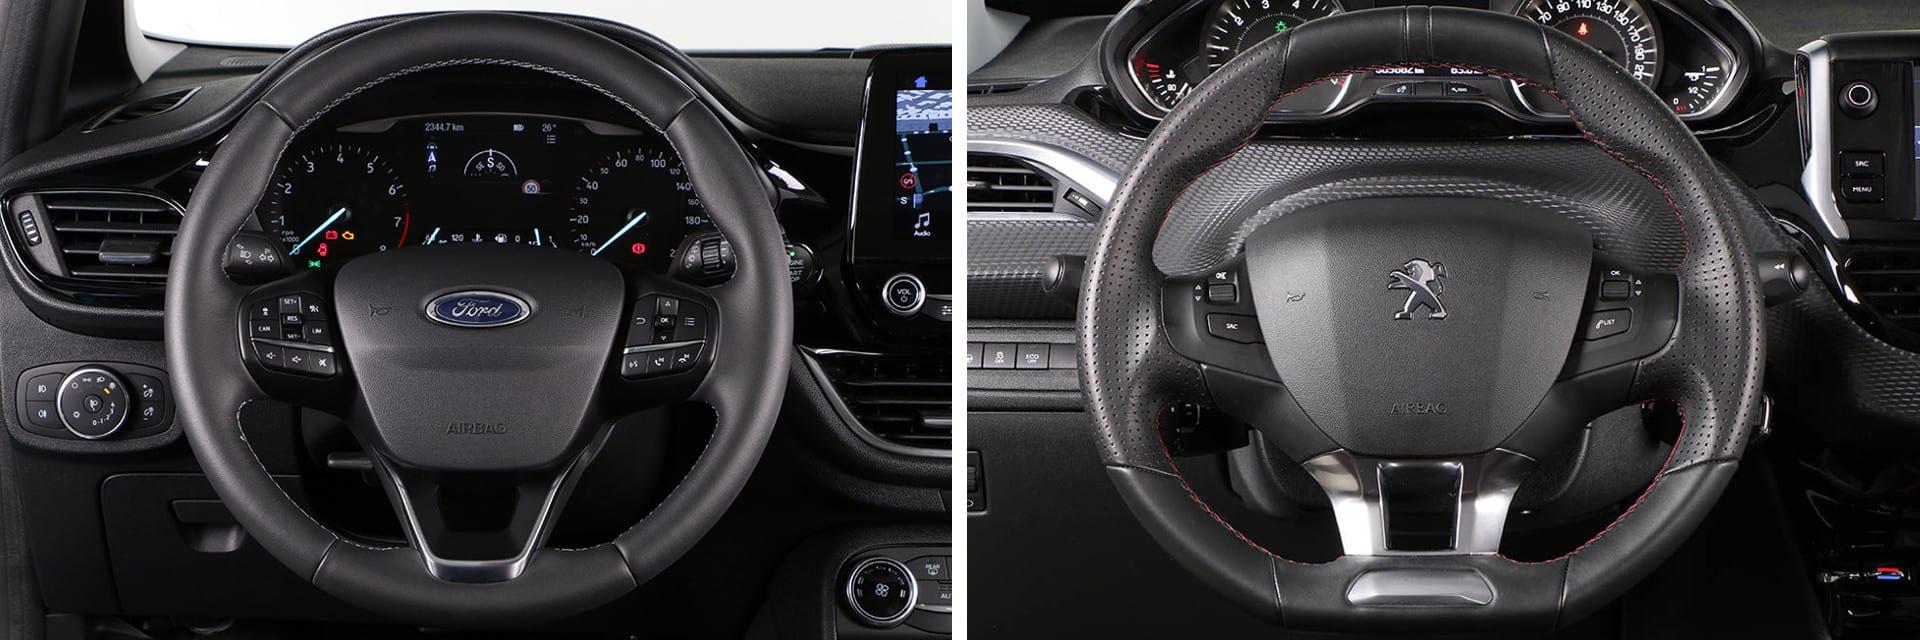 El Peugeot 208 tiene un volante de pequeñas dimensiones. La instrumentación se ve por encima de él y no a través del aro, como ocurre en el Ford Fiesta.